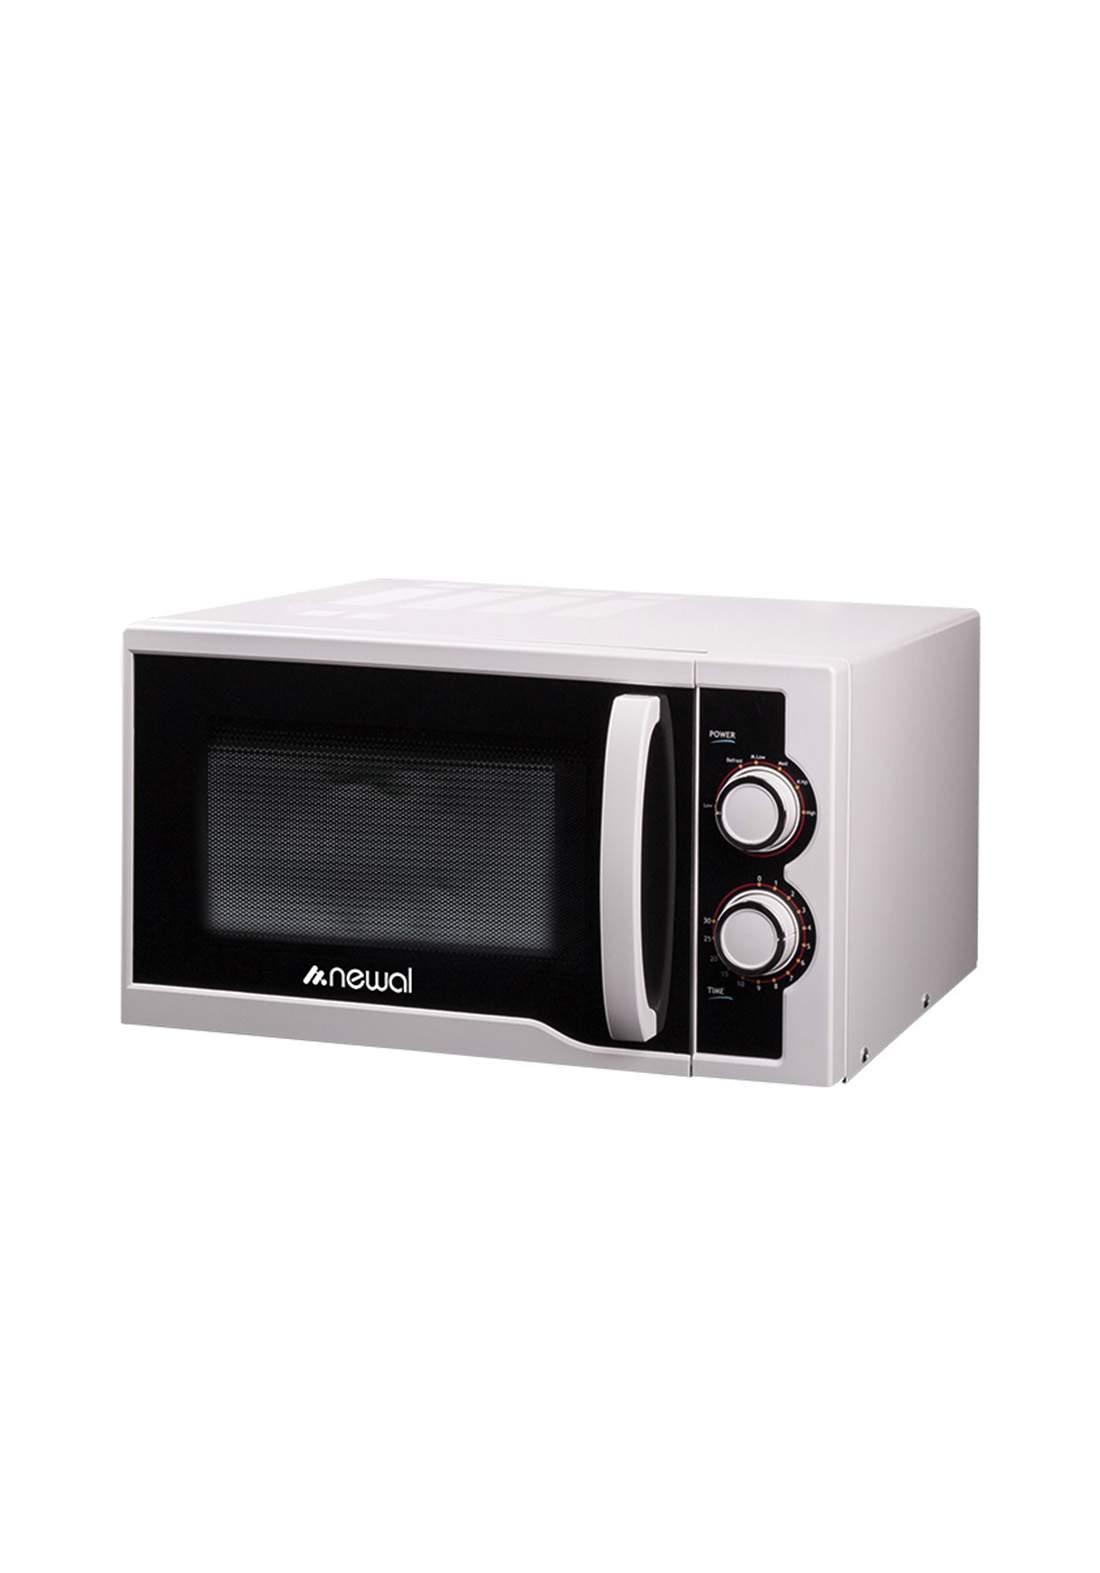 Kenwood MWO-266 Microvawe Oven مايكروويف